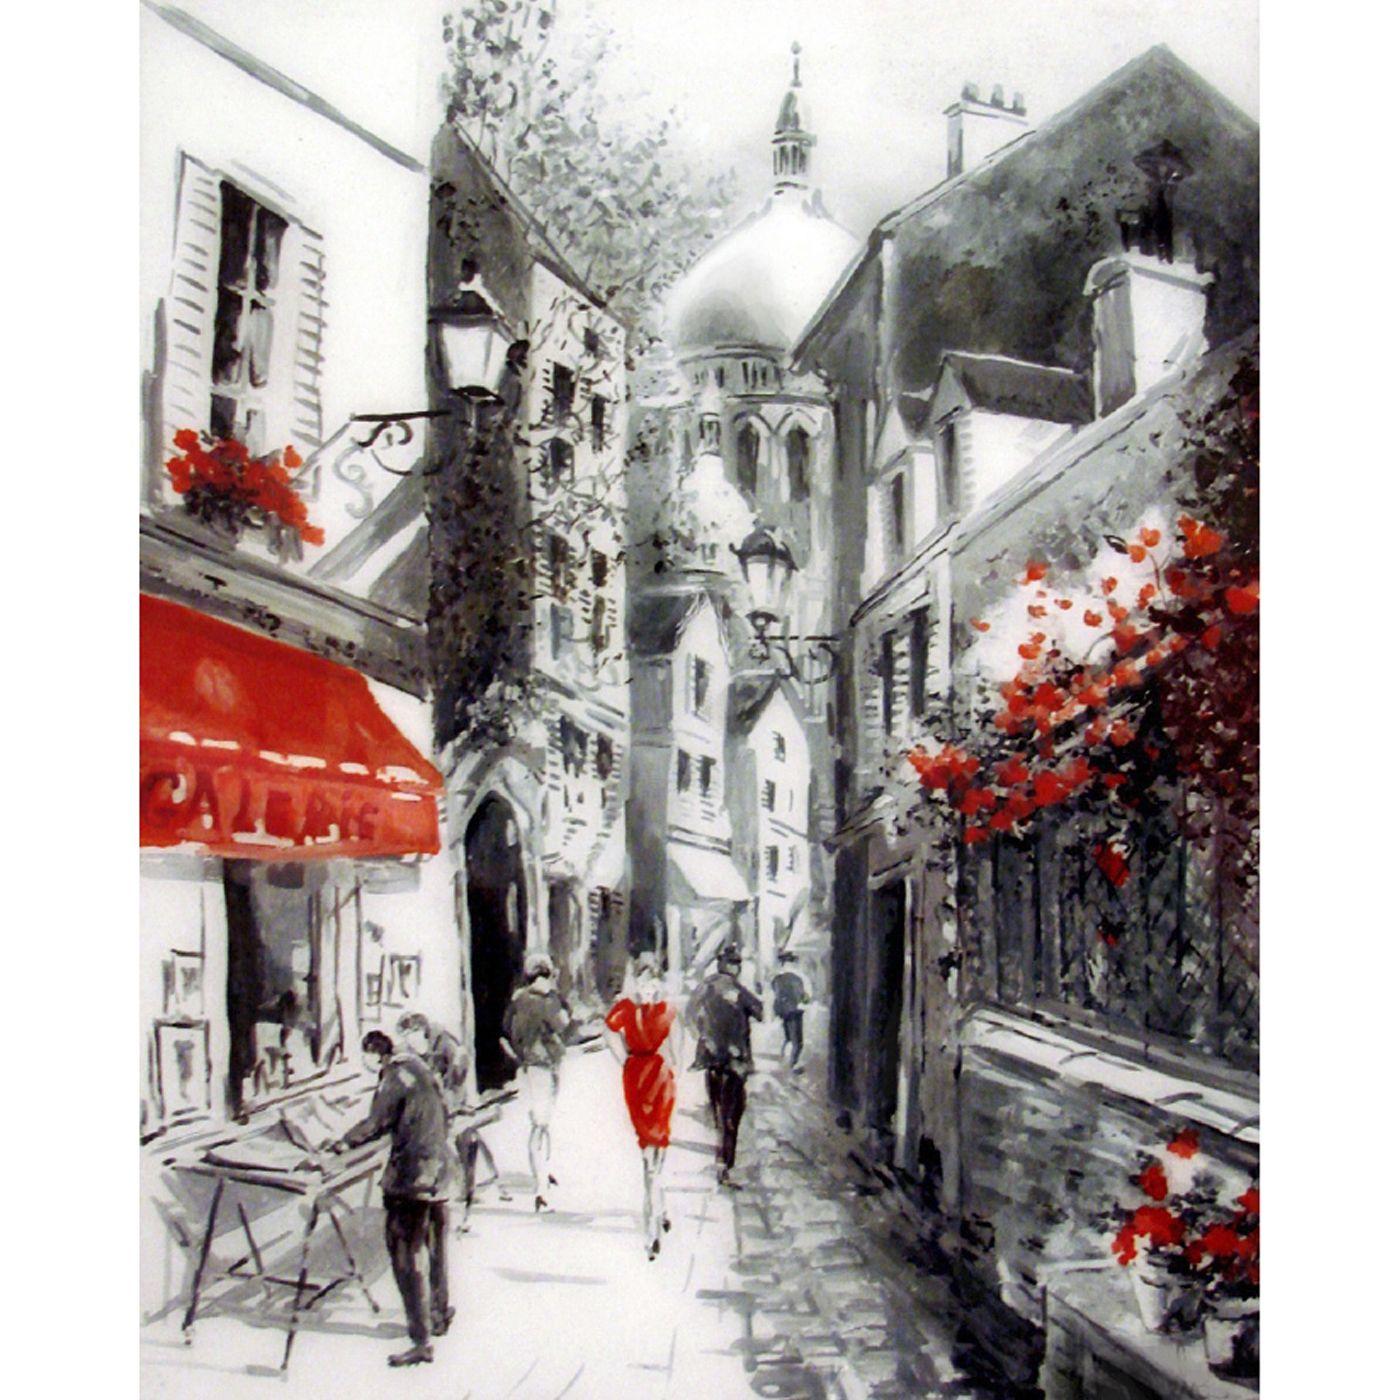 Картина по номерам 40х50см Улочка старого города (21 цвет)